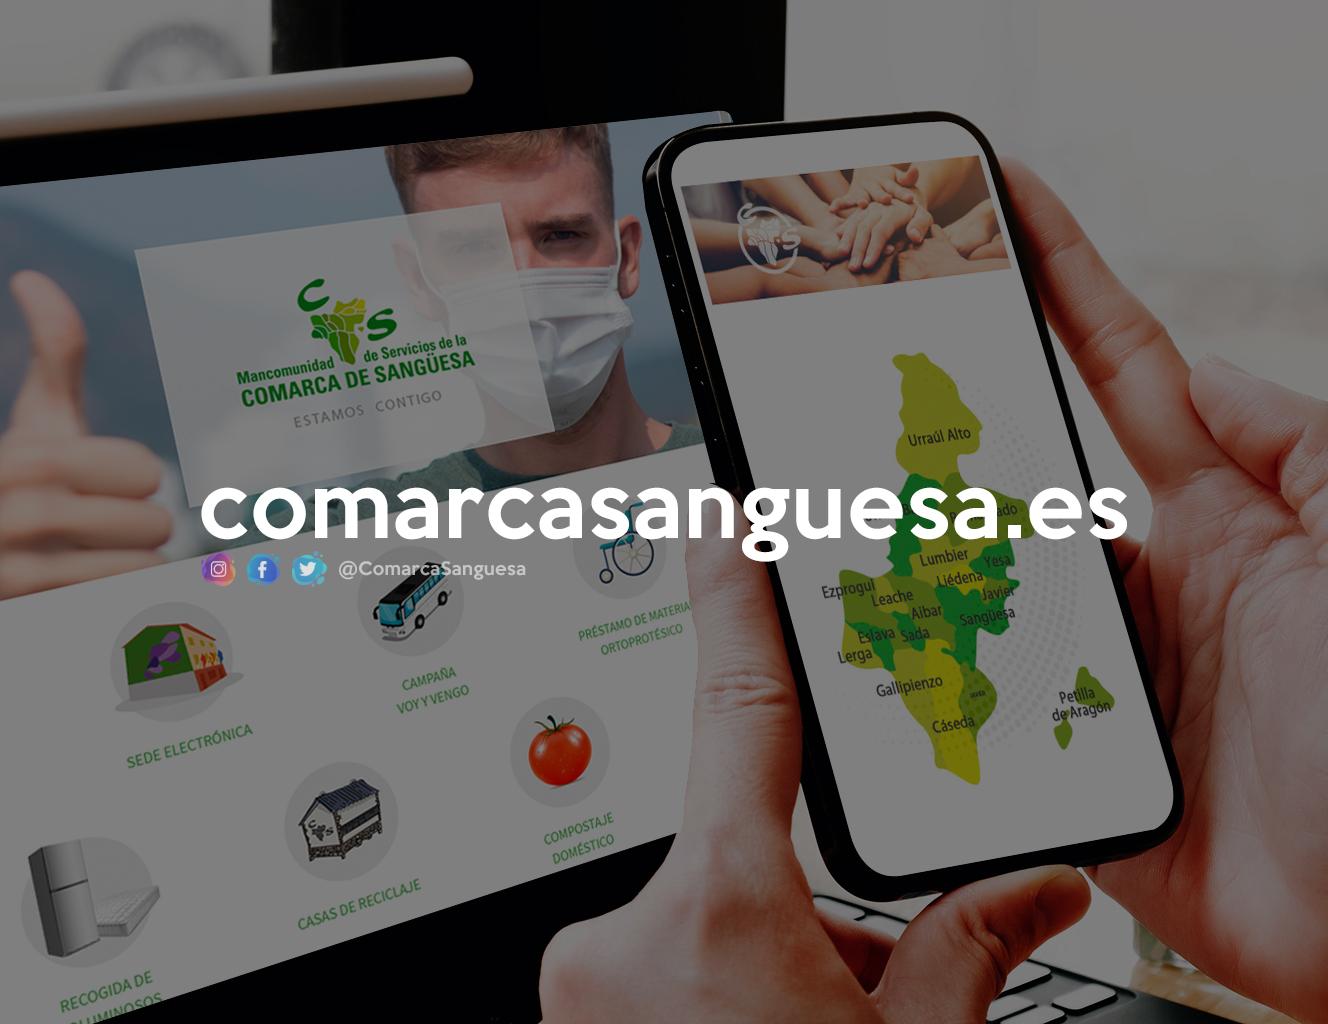 """ComarcaSanguesa.es: estrenamos nueva web, más fácil y clara, y reforzamos la """"identidad de Comarca"""""""